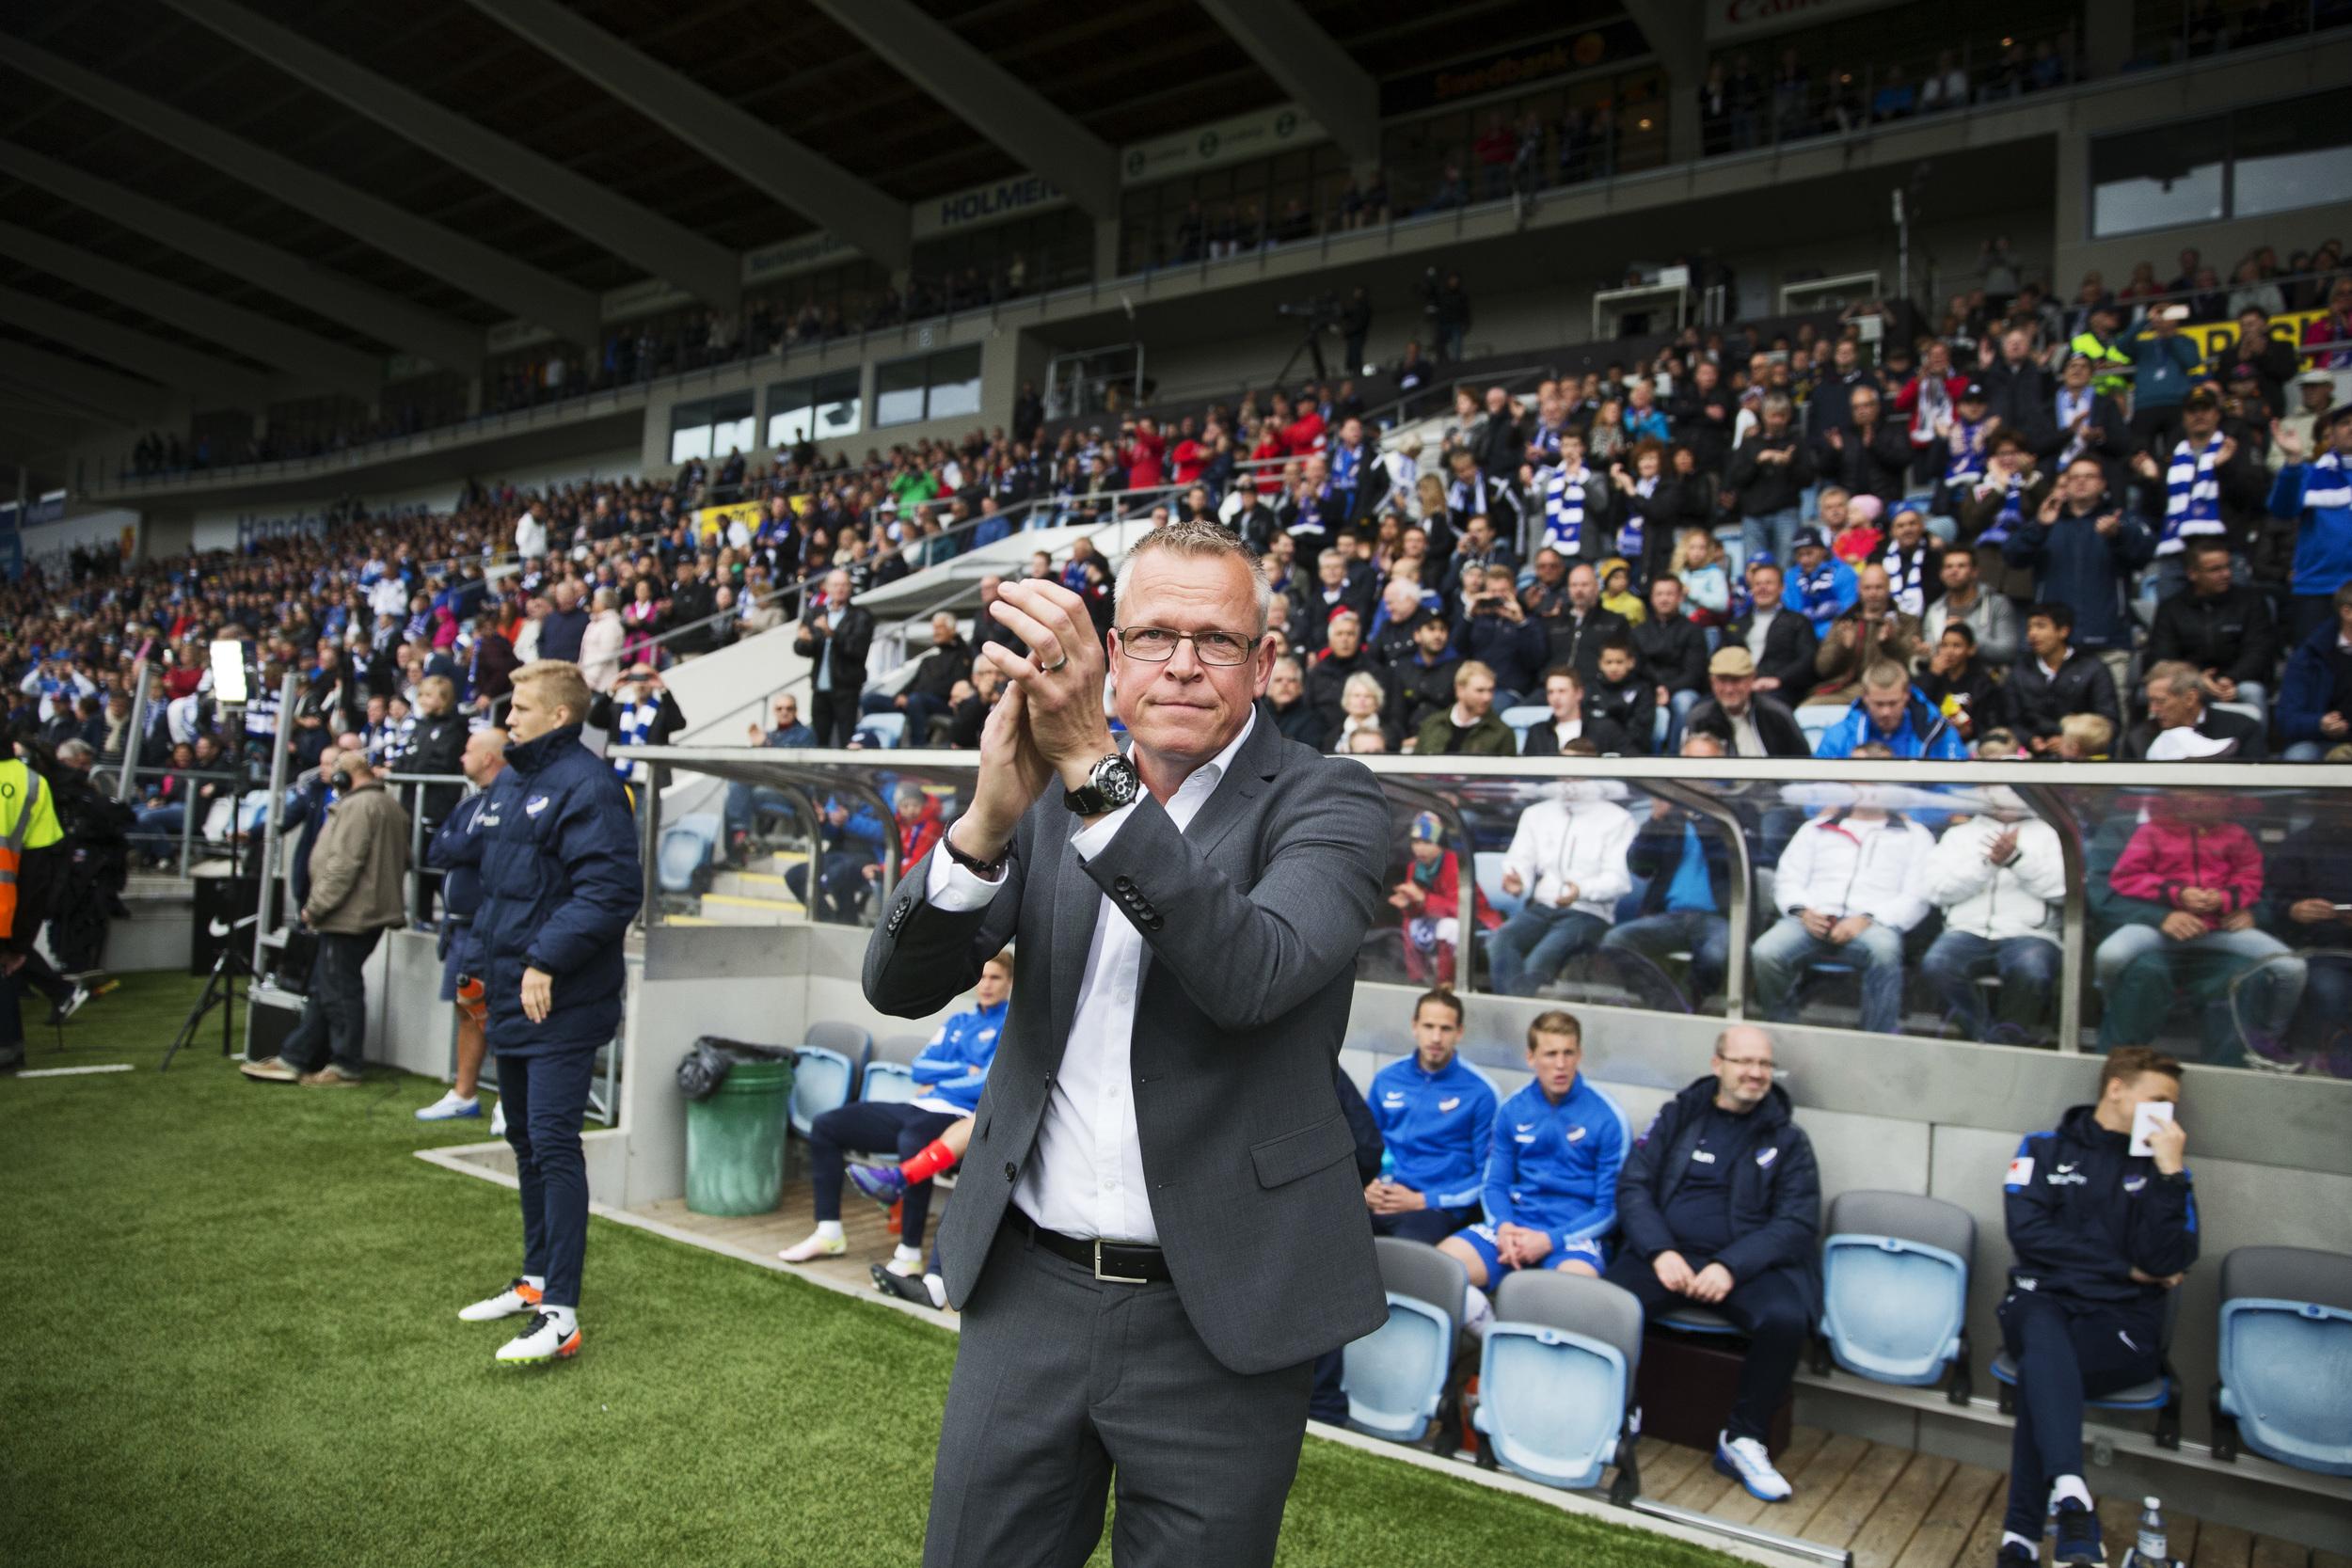 Janne Andersson sagde farvel til Norköping og kunne være blevet ny Brøndby-træner. I stedet endte han i april med at sige ja til at afløse Erik Hamrén som ny svensk landstræner. Foto: Getty Images/Nils Peter Nilsson